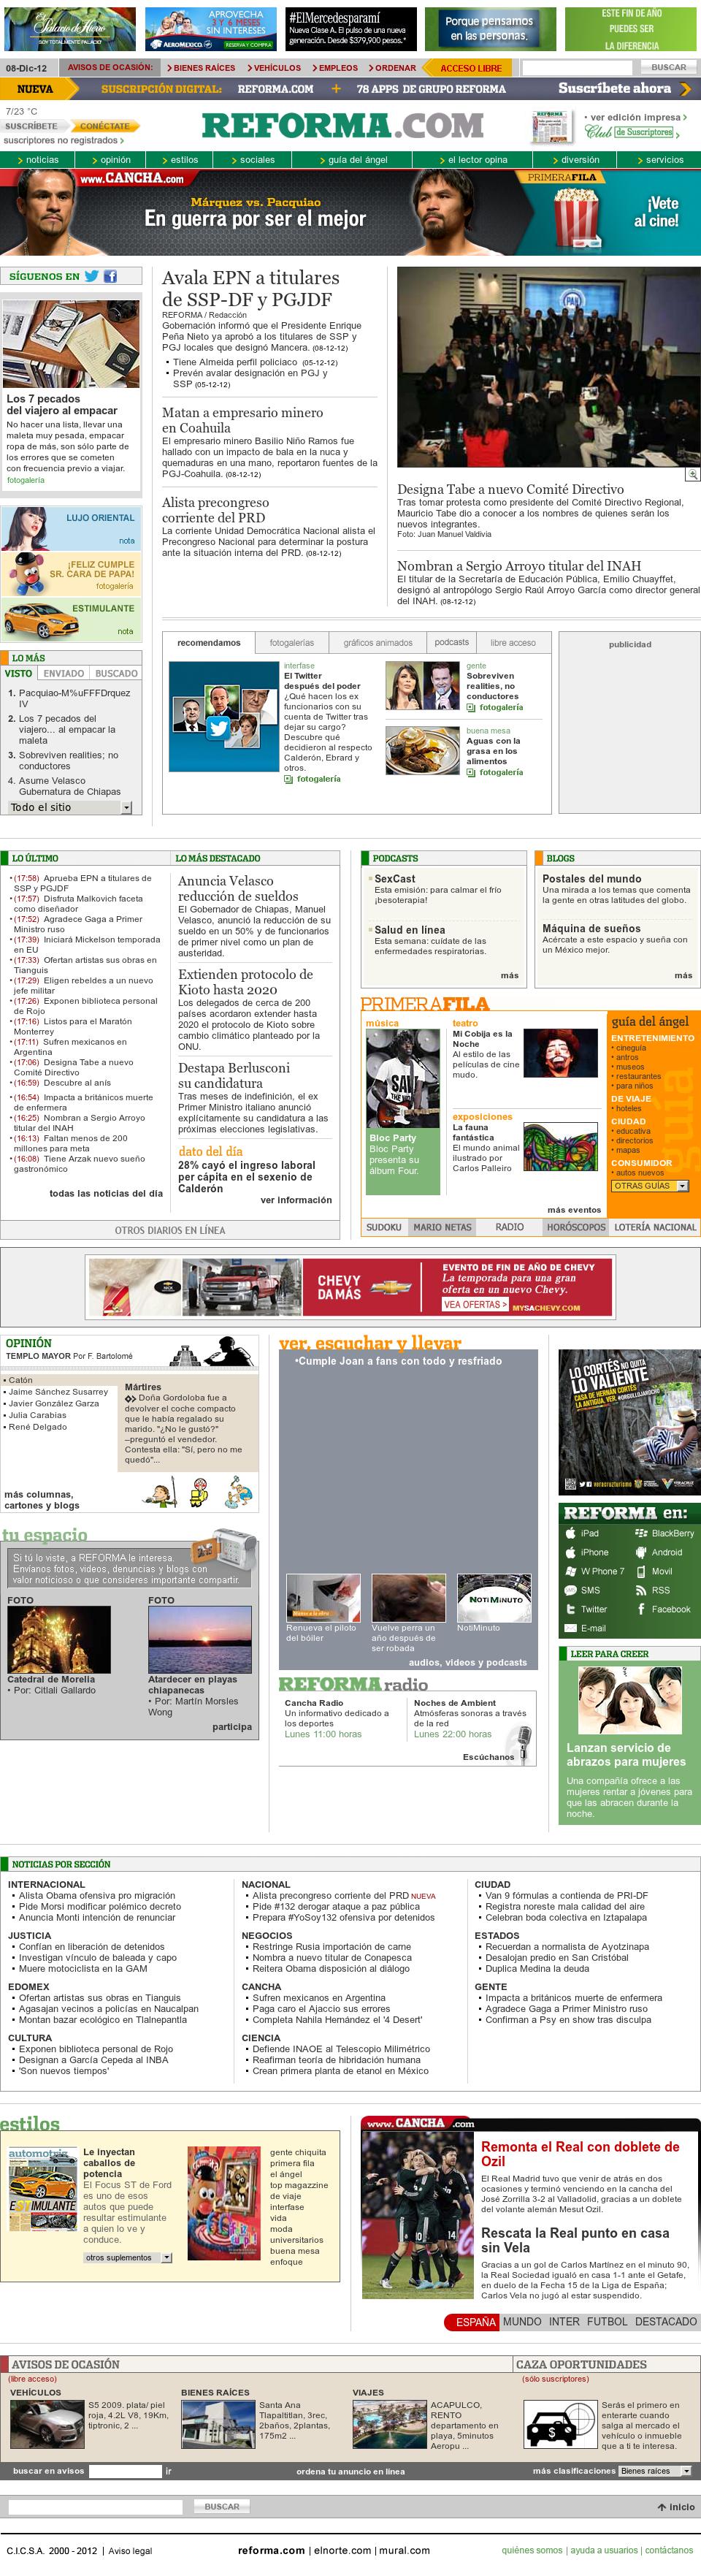 Reforma.com at Sunday Dec. 9, 2012, 1:12 a.m. UTC